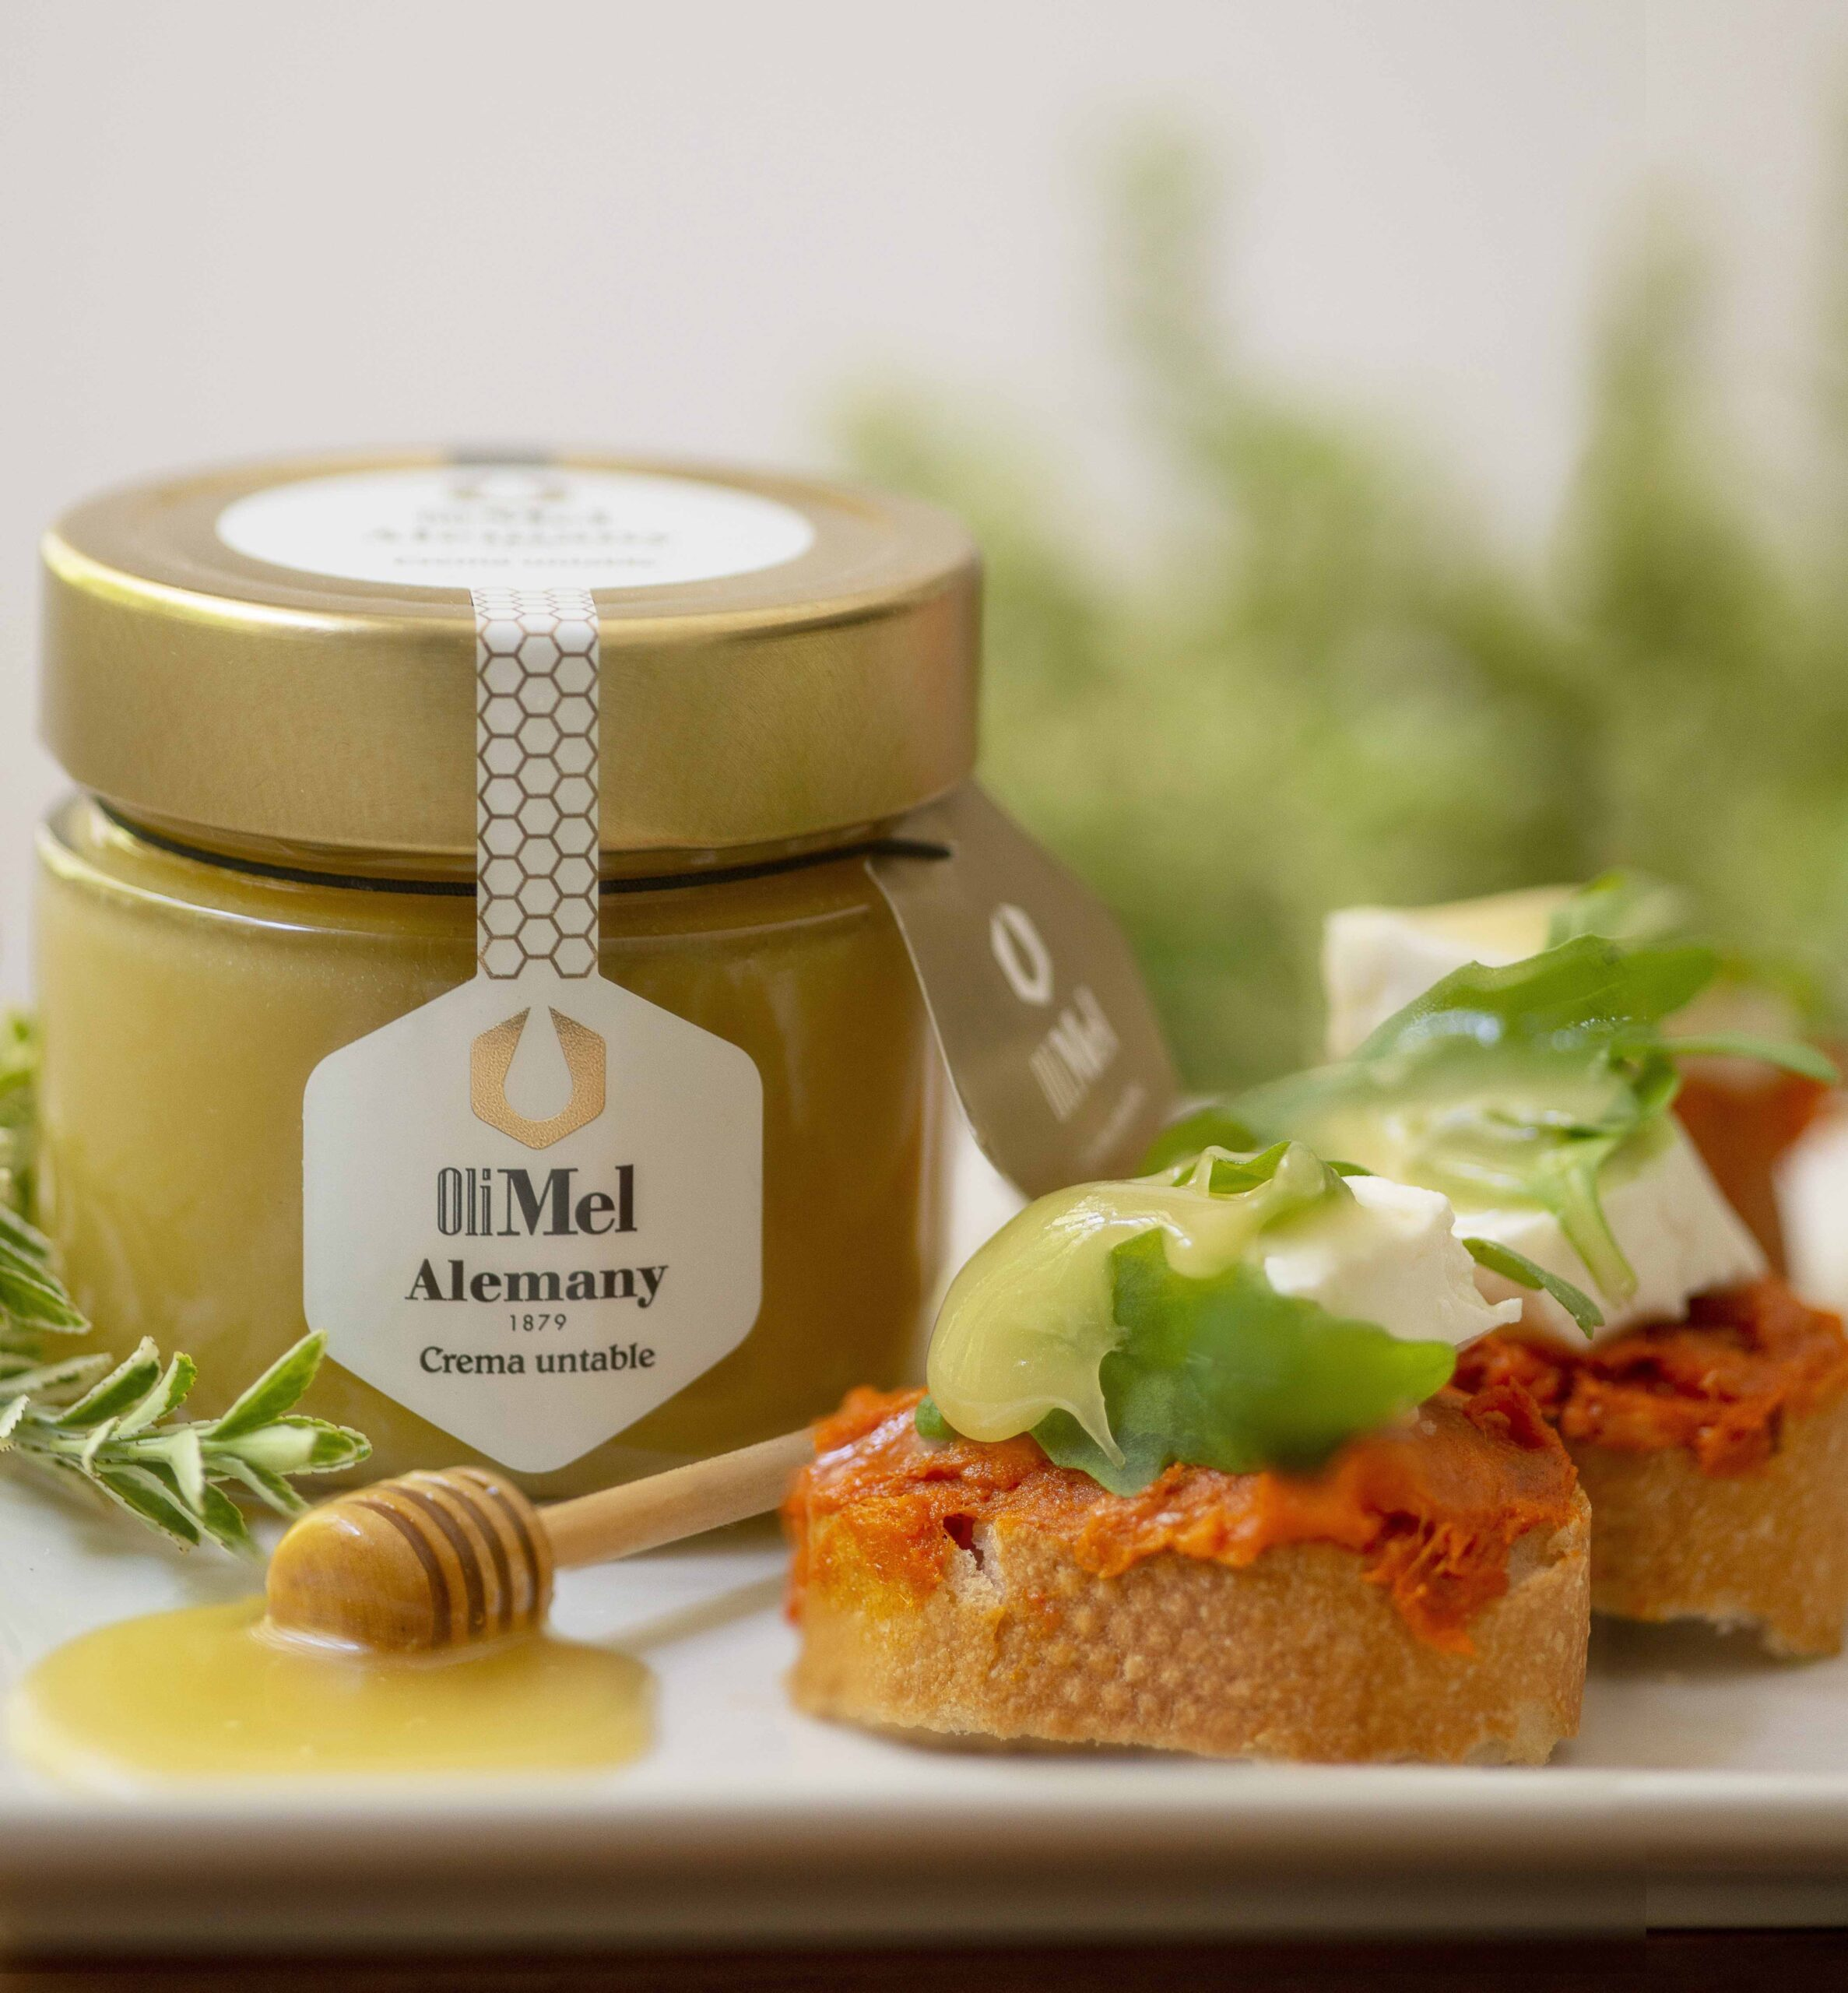 Tostadas con sobrasada, queso y Oleomel Alemany